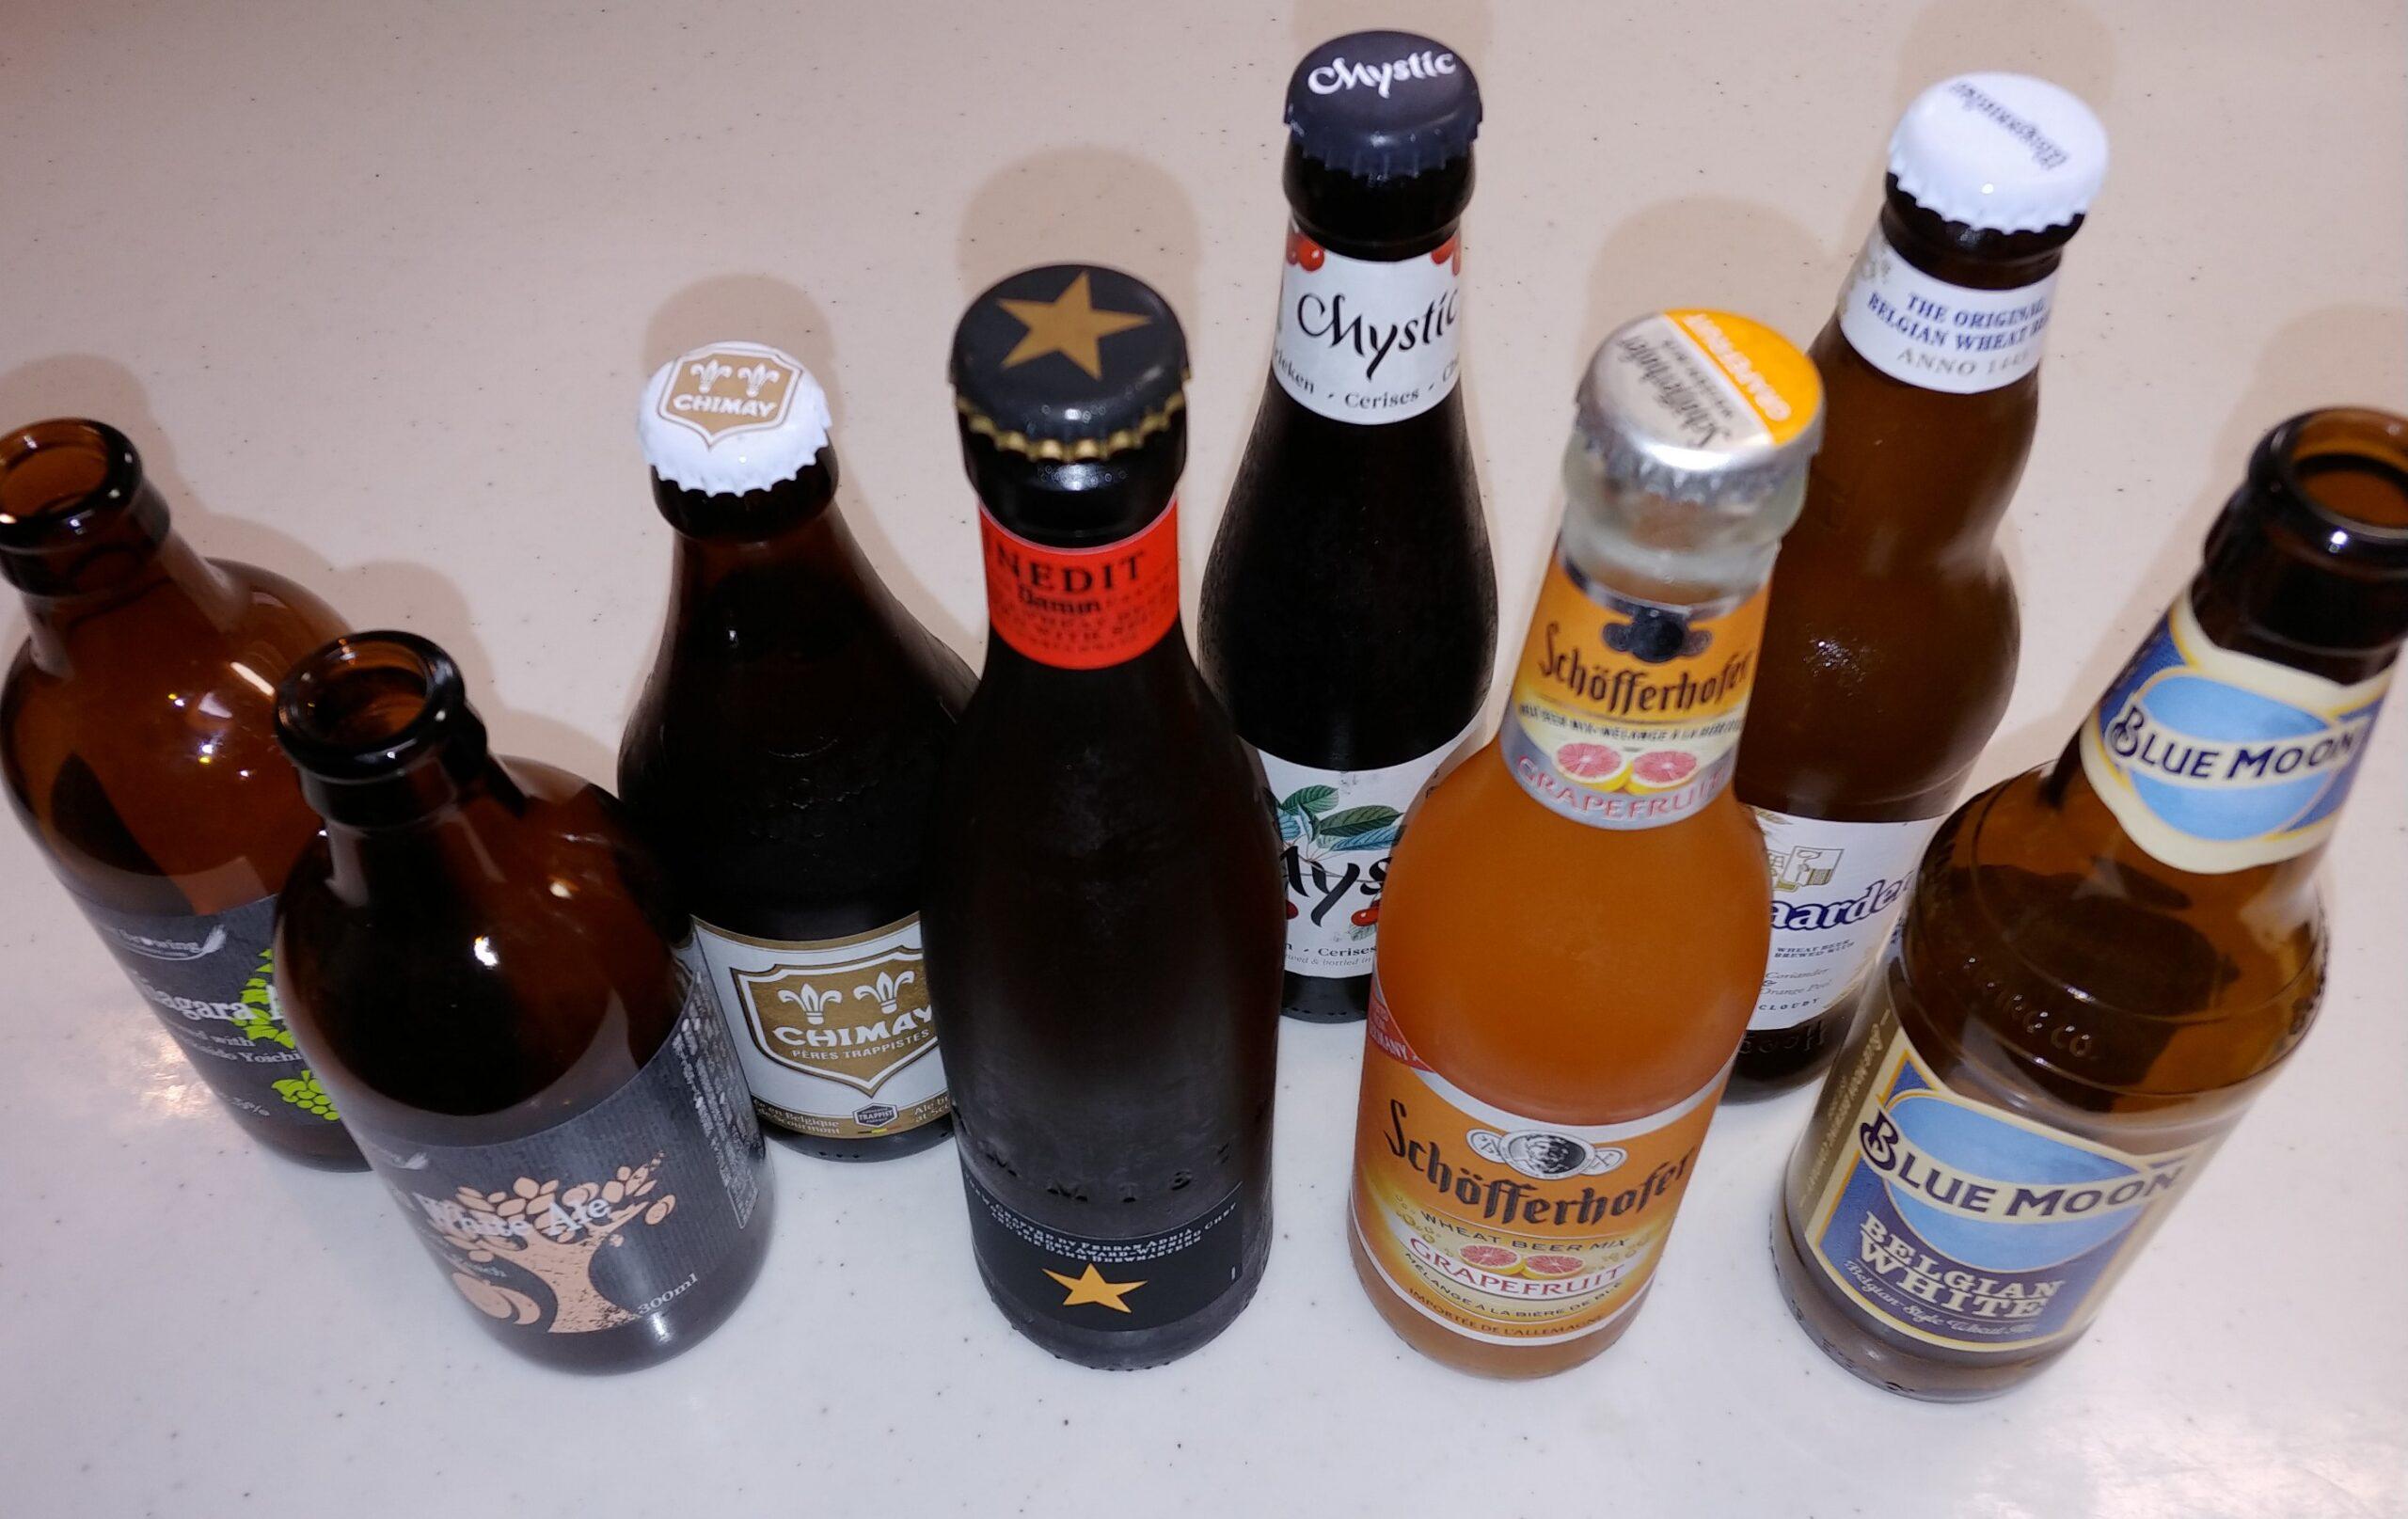 楽天市場で購入した、世界のビール飲み比べセット